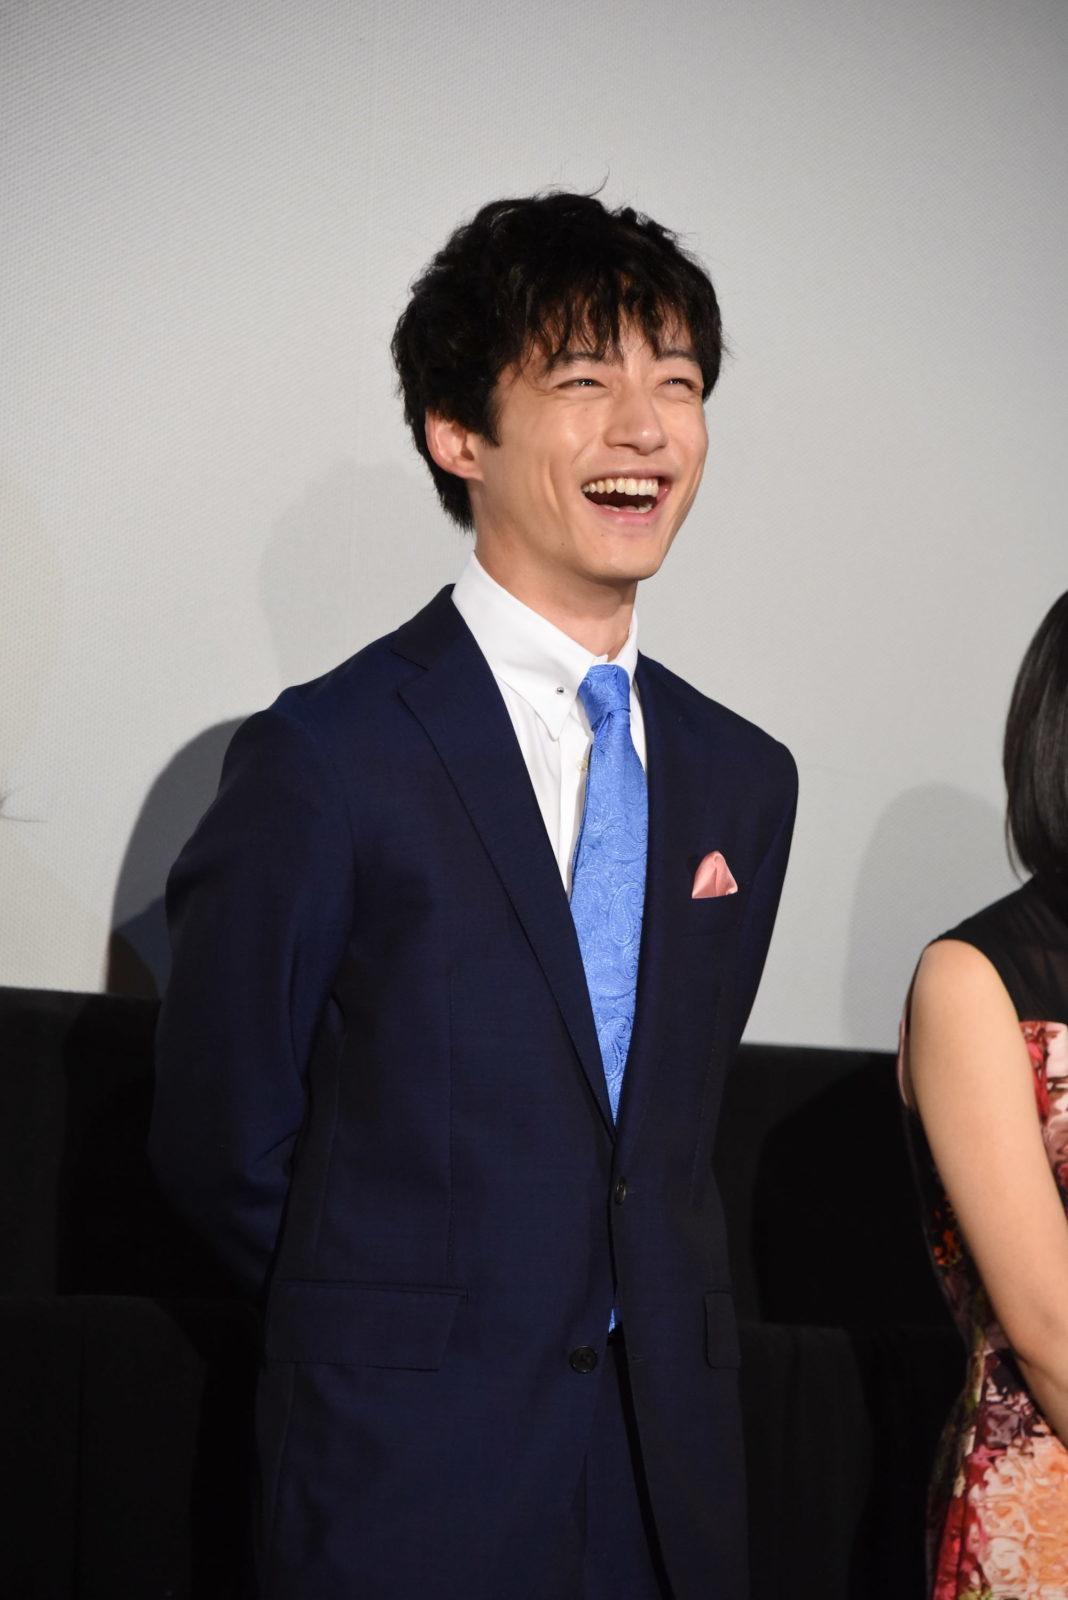 坂口健太郎が明かした苦手な女性のタイプにネットからは「もろ自分」「尊敬する」の声サムネイル画像